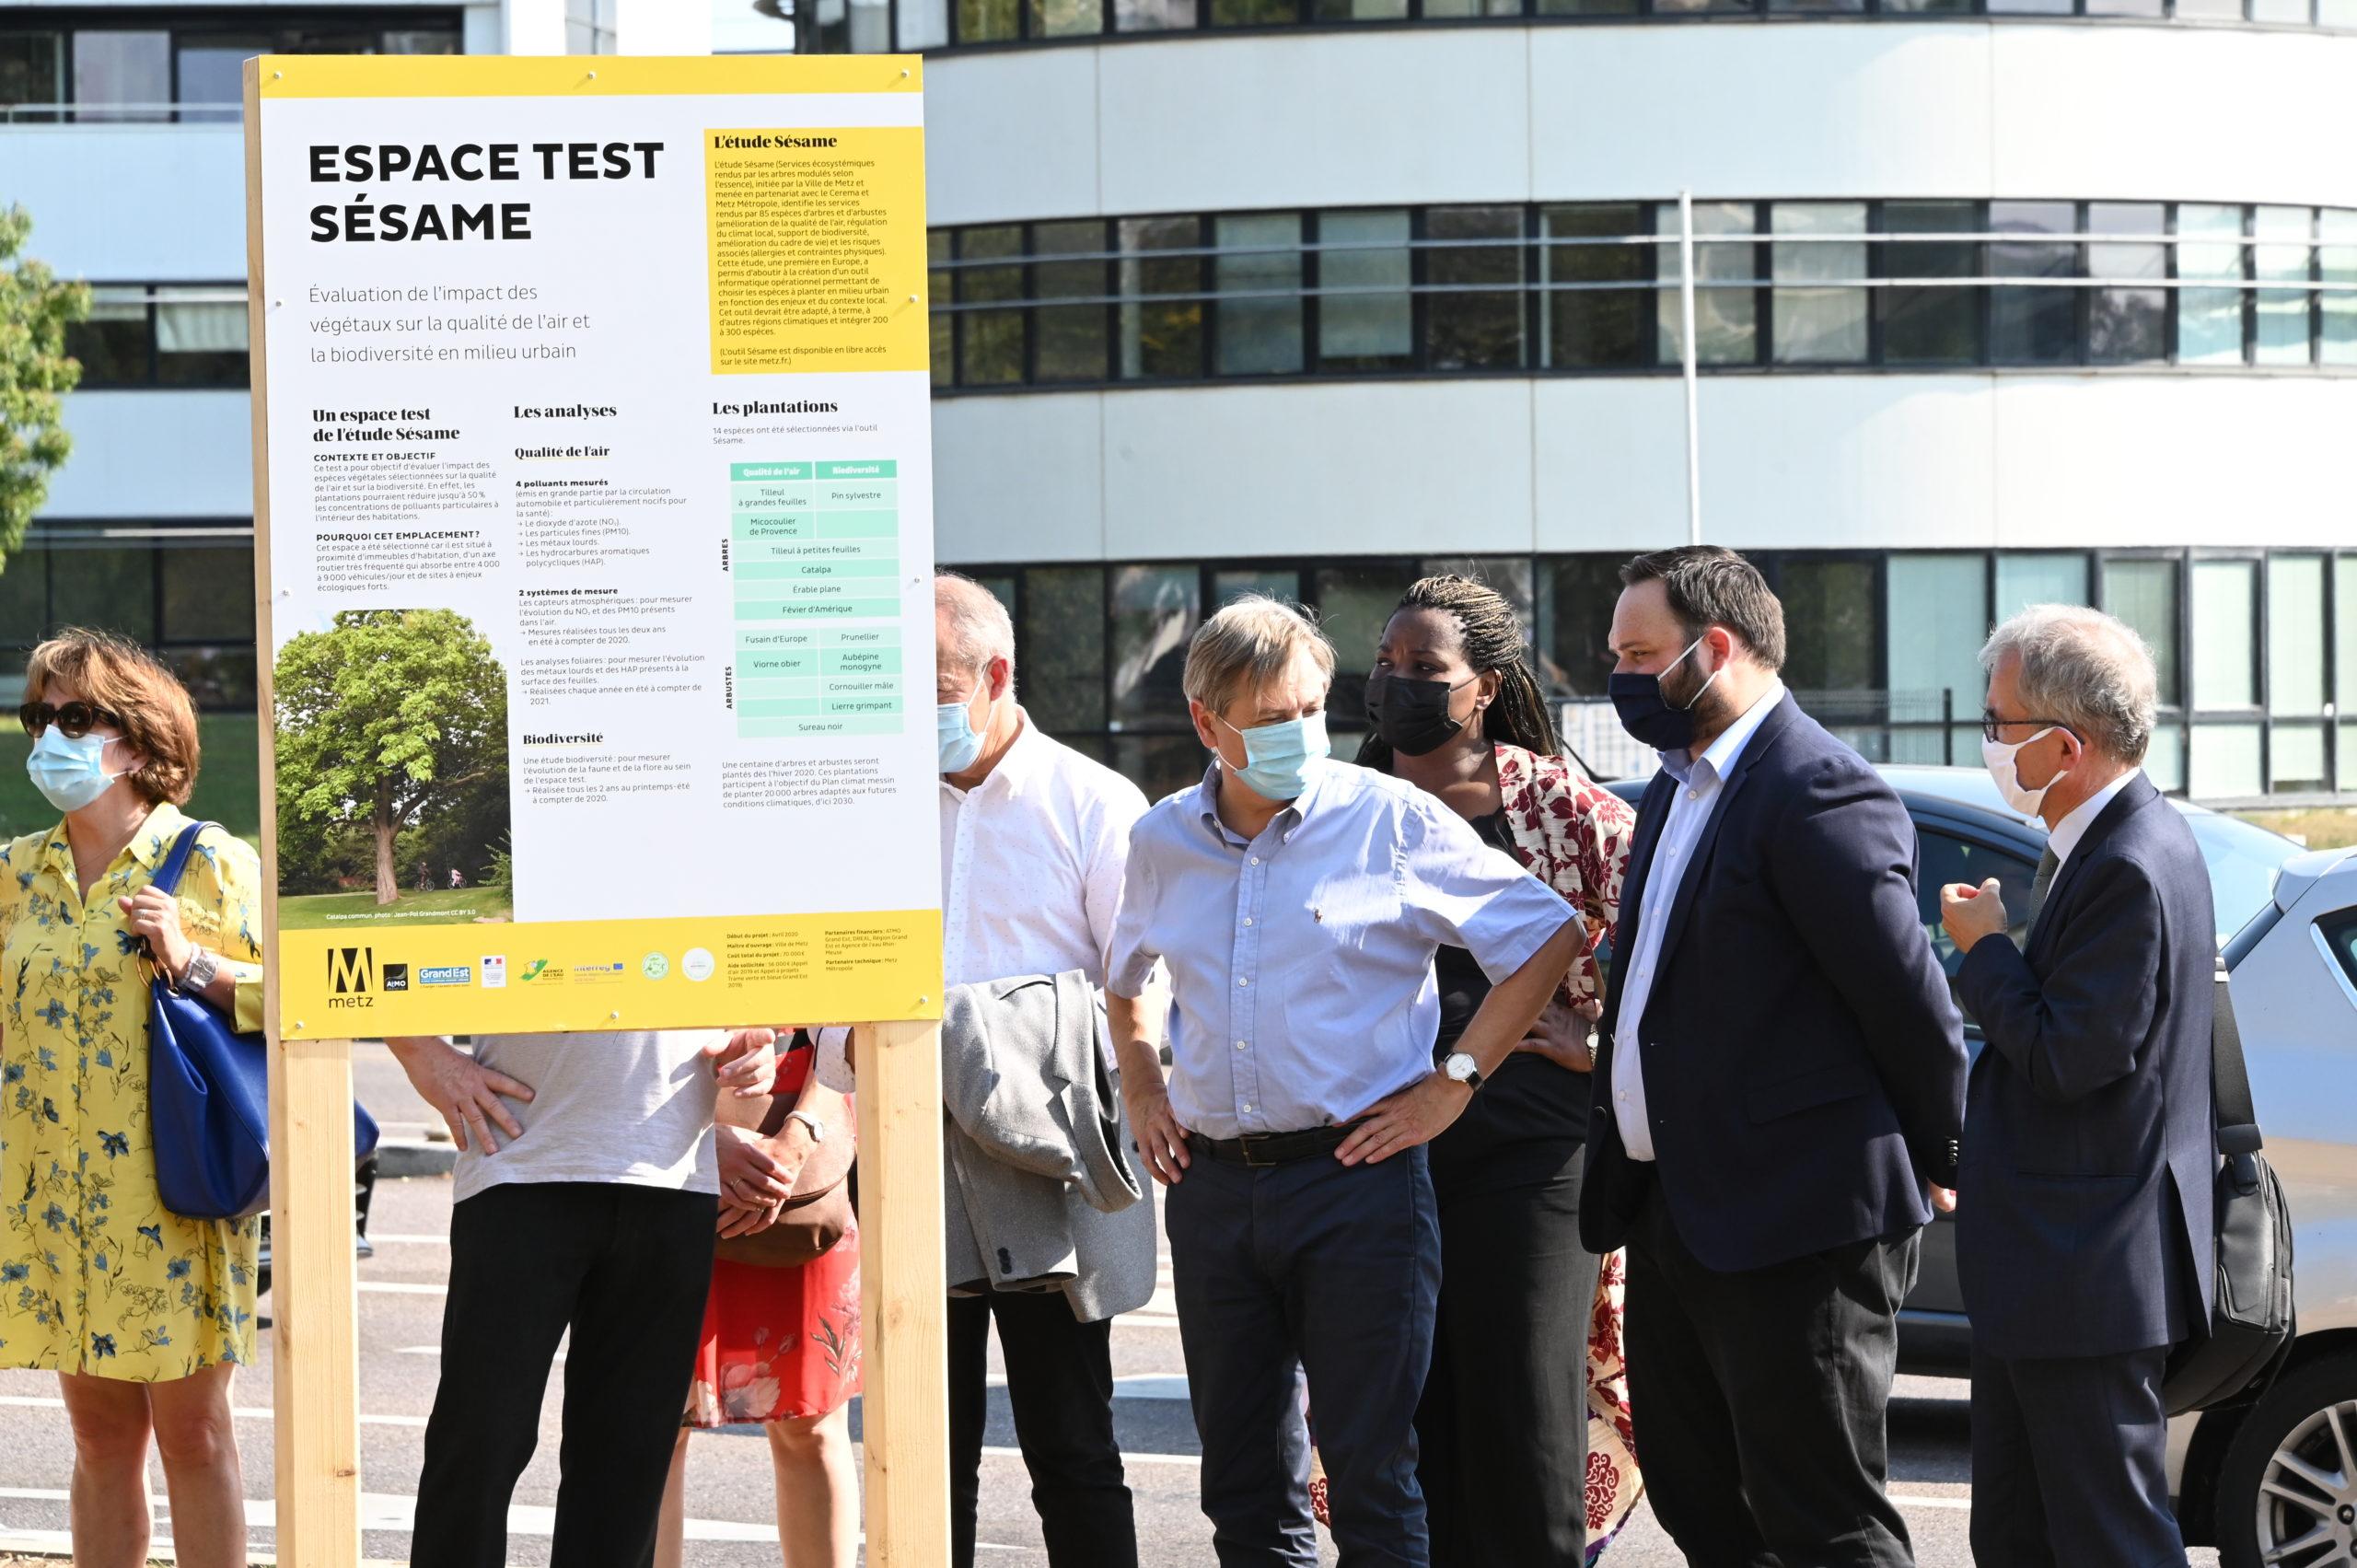 L'étude SESAME à Metz : quels arbres planter aujourd'hui pour les villes de demain ?